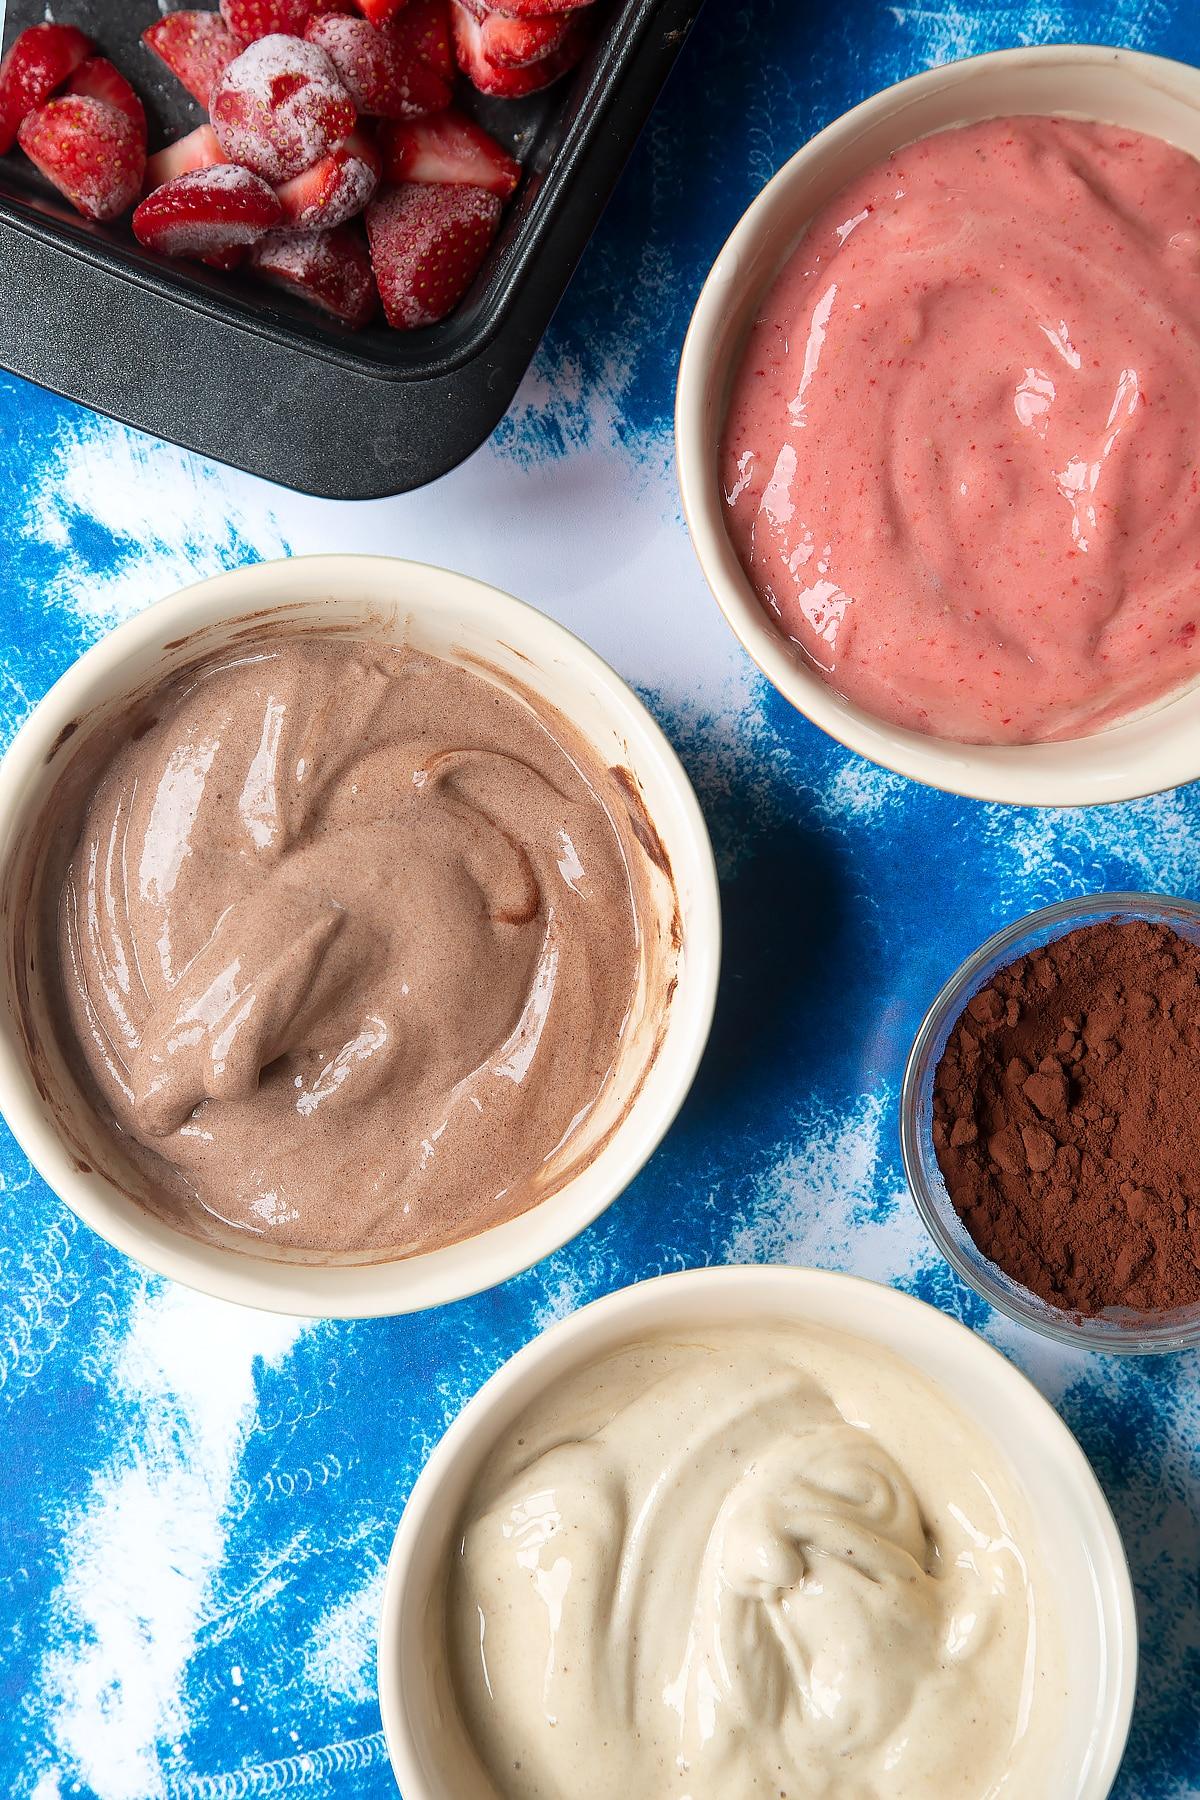 Banana ice cream in three bowls - one chocolate, one vanilla and one strawberry.